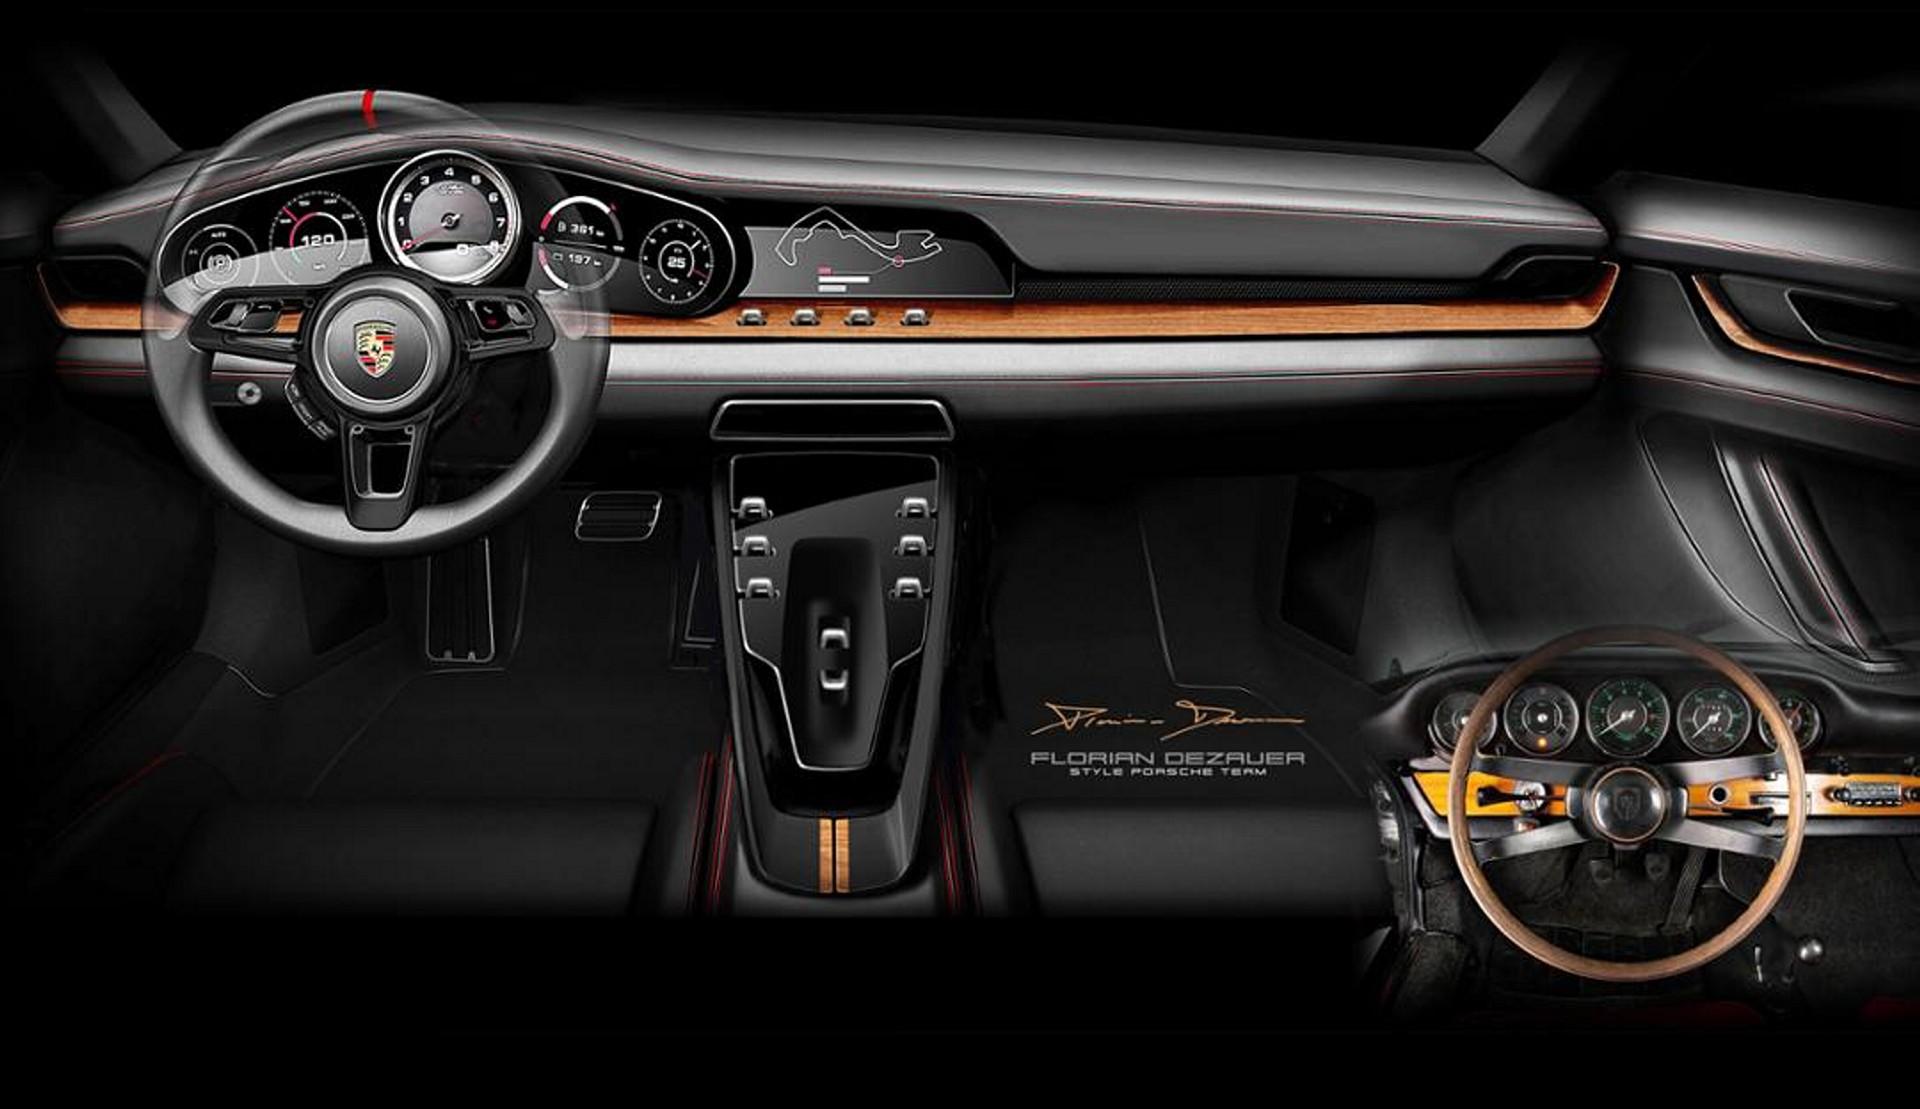 Porsche quiere hacerte sentir nostálgico con su división Heritage Design